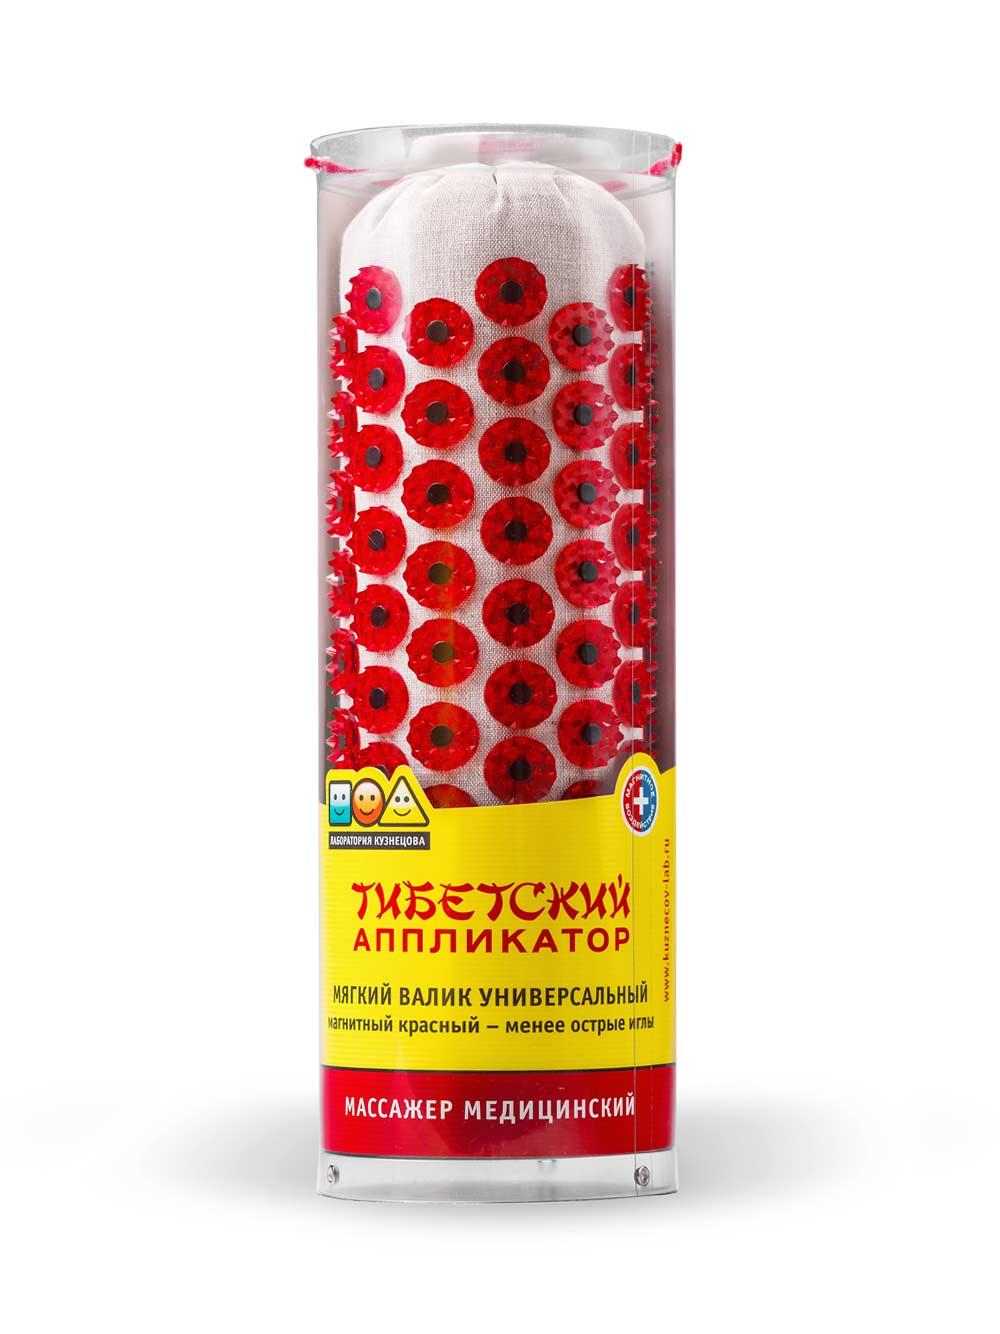 Массажер медицинский Тибетский аппликатор Кузнецова, магнитный, мягкий валик универсальный,красный